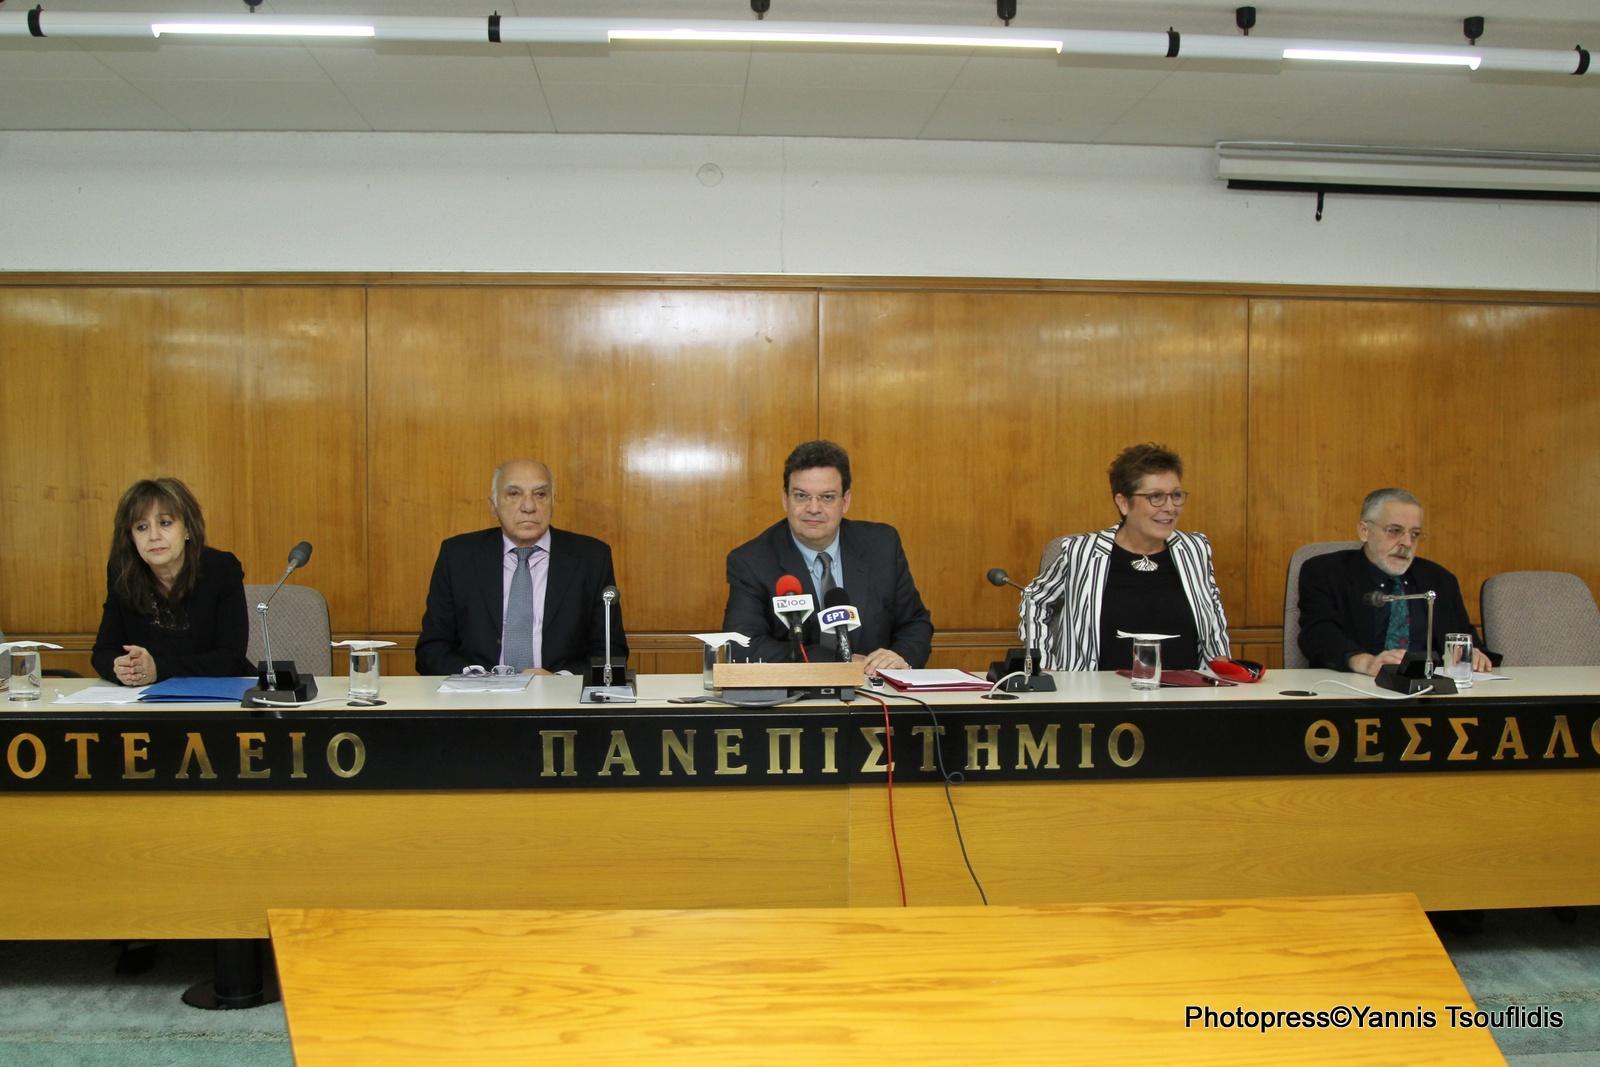 Η Προϊσταμένη Διεύθυνσης Κεντρικής Βιβλιοθήκης ΑΠΘ, κ. Αικατερίνη Νάστα, ο συλλέκτης και δωρητής κ. Ιωάννης Μέγας, ο Πρύτανης του ΑΠΘ, Καθηγητής κ. Περικλής Μήτκας, η Αναπληρώτρια Πρύτανη Ακαδημαϊκών και Φοιτητικών Θεμάτων και Πρόεδρος της Επιτροπής Βιβλιοθήκης και Κέντρου Πληροφόρησης, Καθηγήτρια κ. Αριάδνη Στογιαννίδου και ο Αναπληρωτής Πρόεδρος της Επιτροπής Βιβλιοθήκης και Κέντρου Πληροφόρησης, Καθηγητής κ. Ιωάννης Τζιφόπουλος.